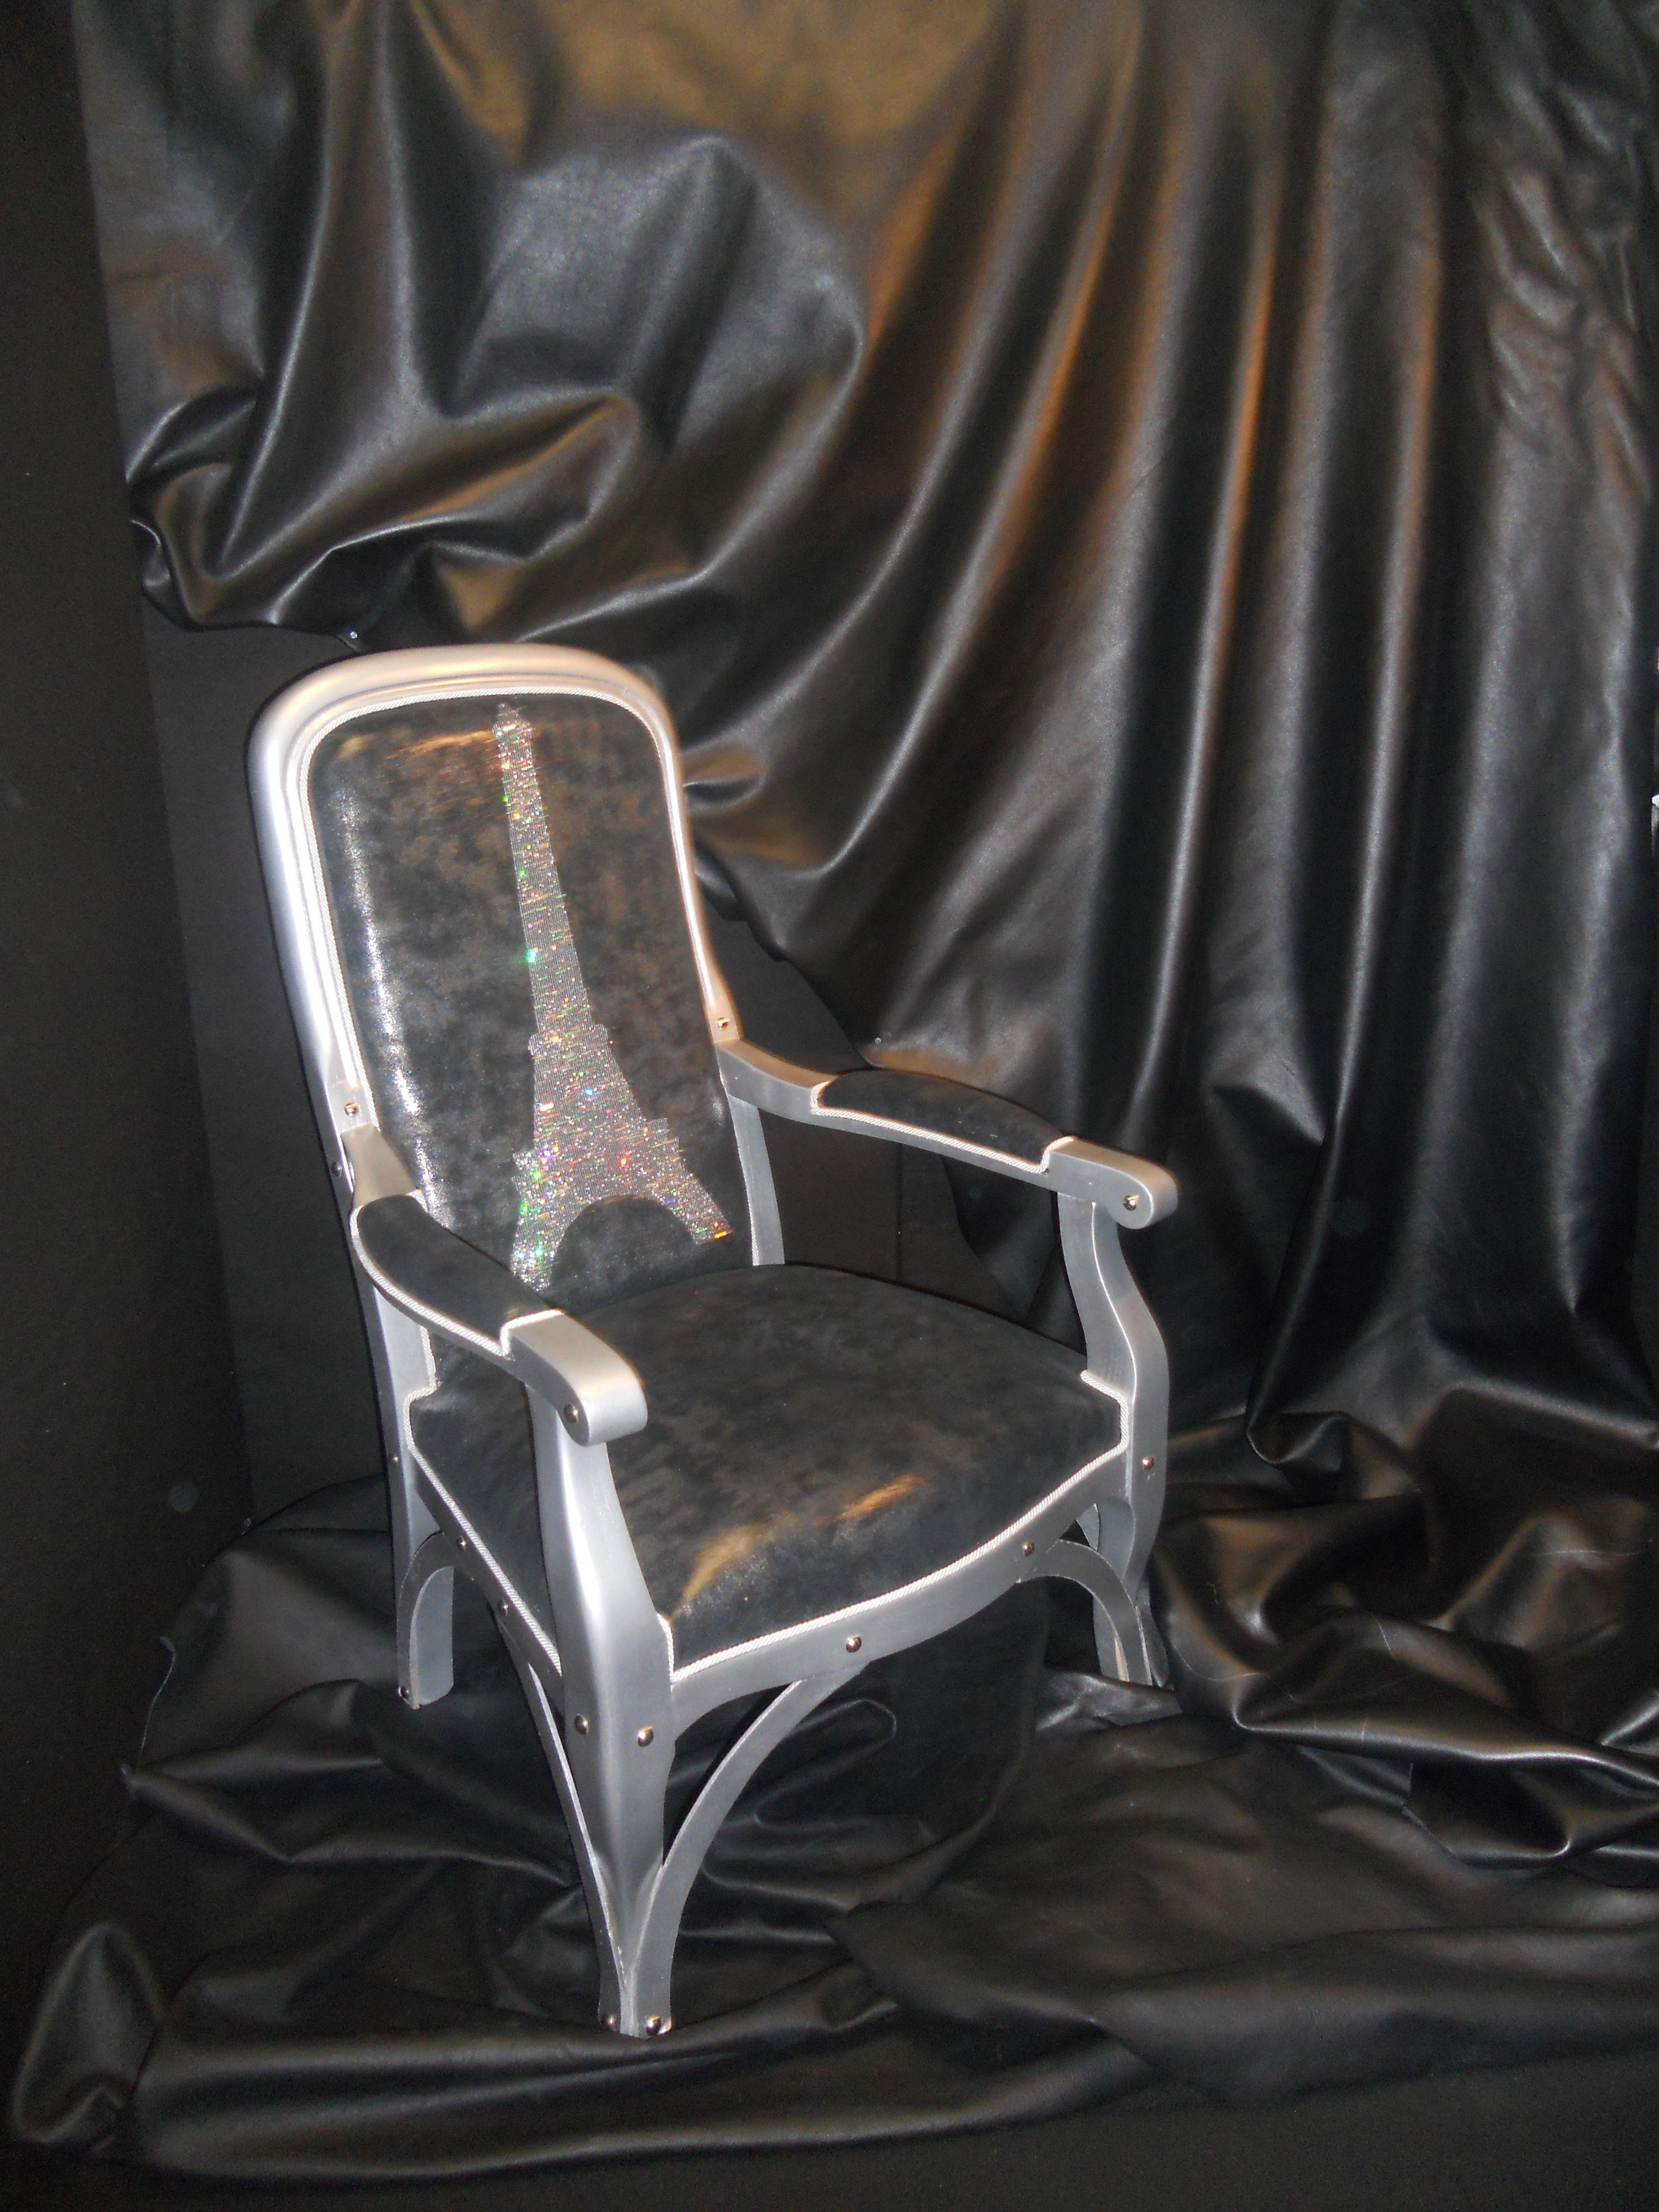 fauteuil voltaire nuit parisienne motif tour eiffel fibres lumineuses voltaire. Black Bedroom Furniture Sets. Home Design Ideas